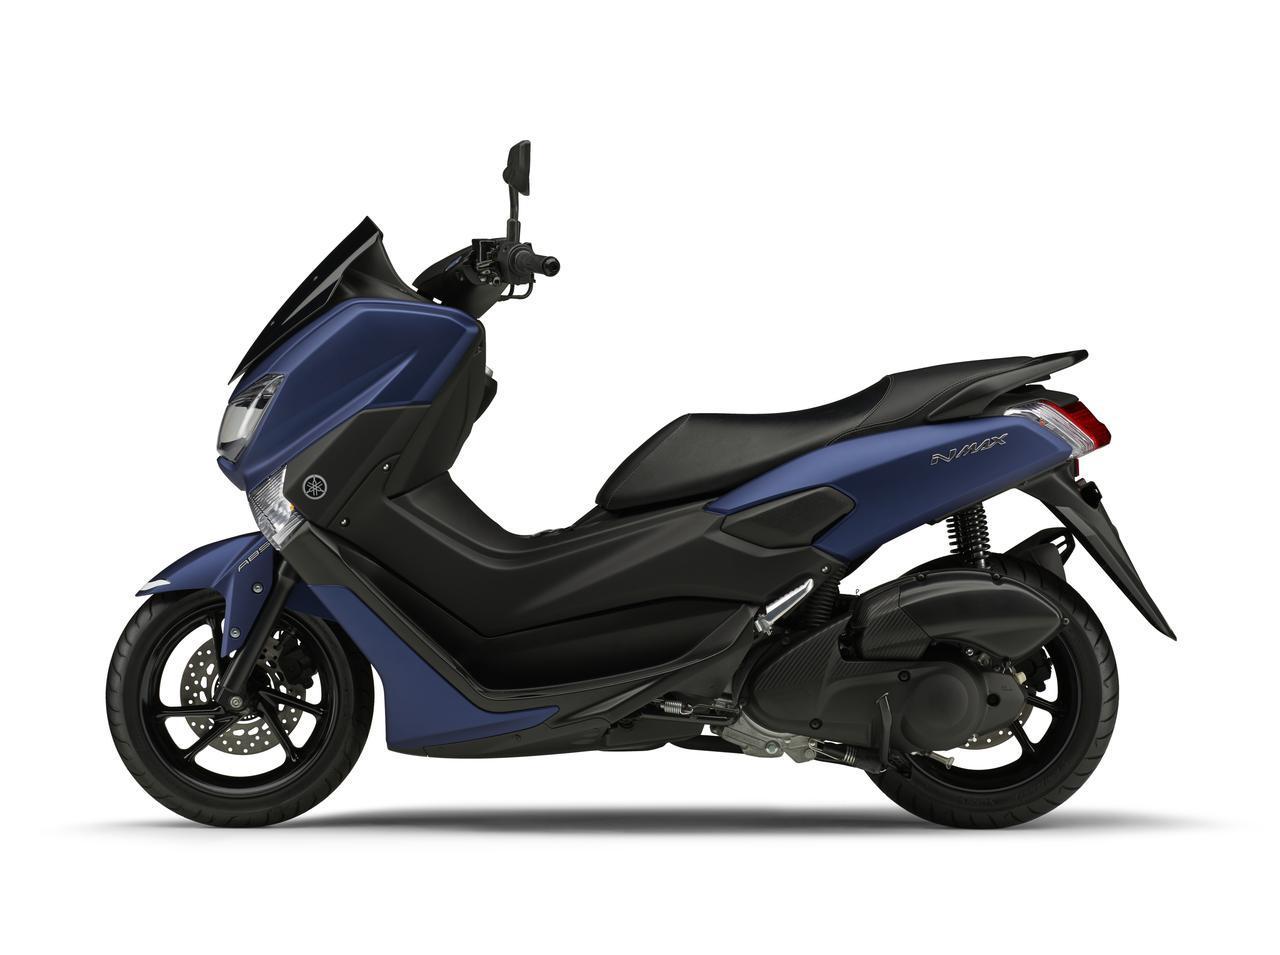 画像1: ヤマハの原付二種「NMAX ABS」2020年モデル情報|新色が4月25日に発売!【価格・発売日・カラー・スペック】